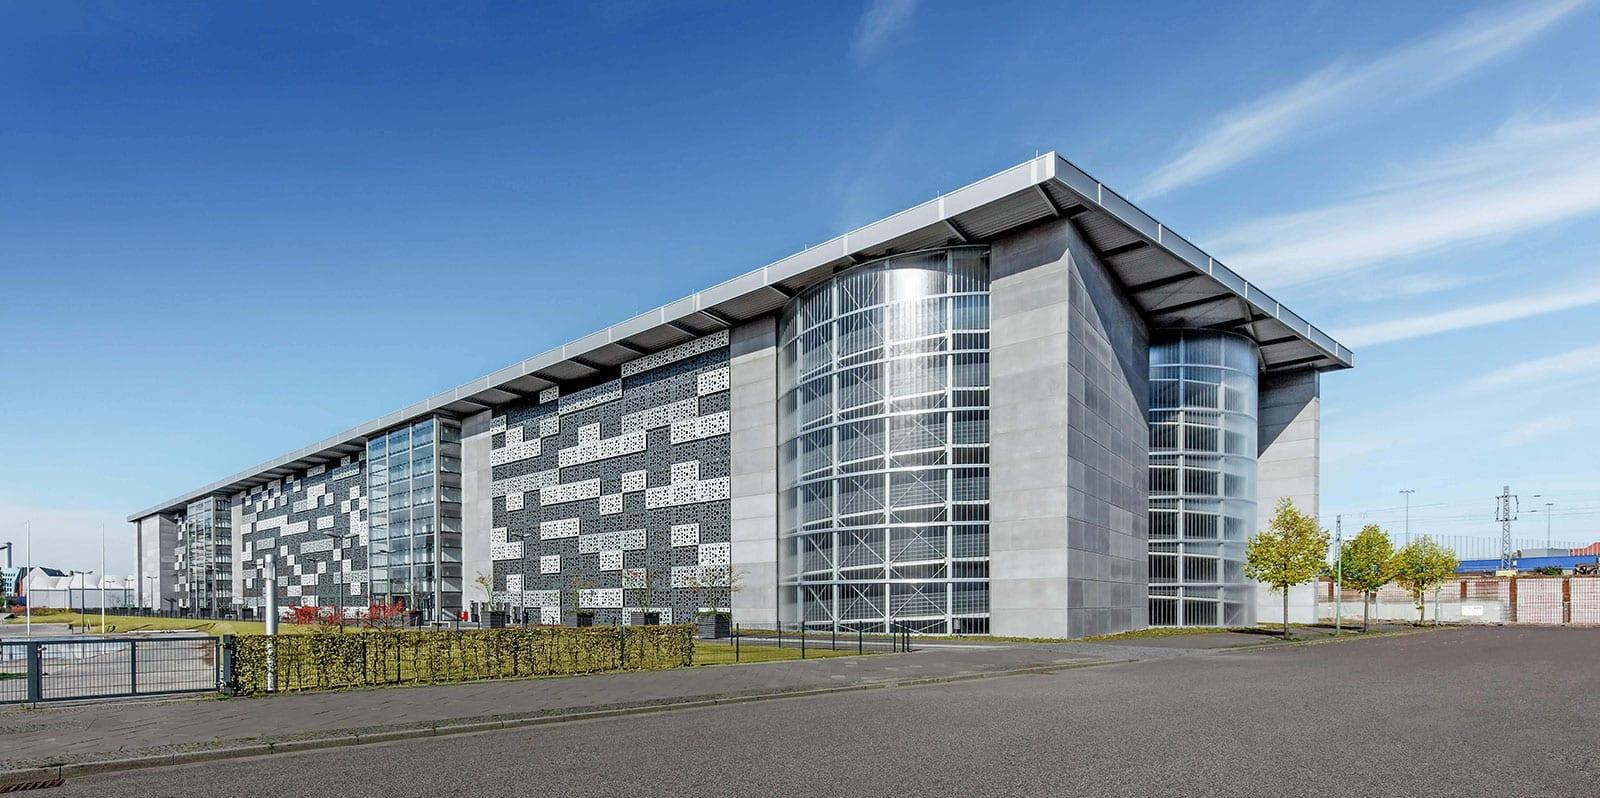 GSE lance son offre de parking aérien innovant !